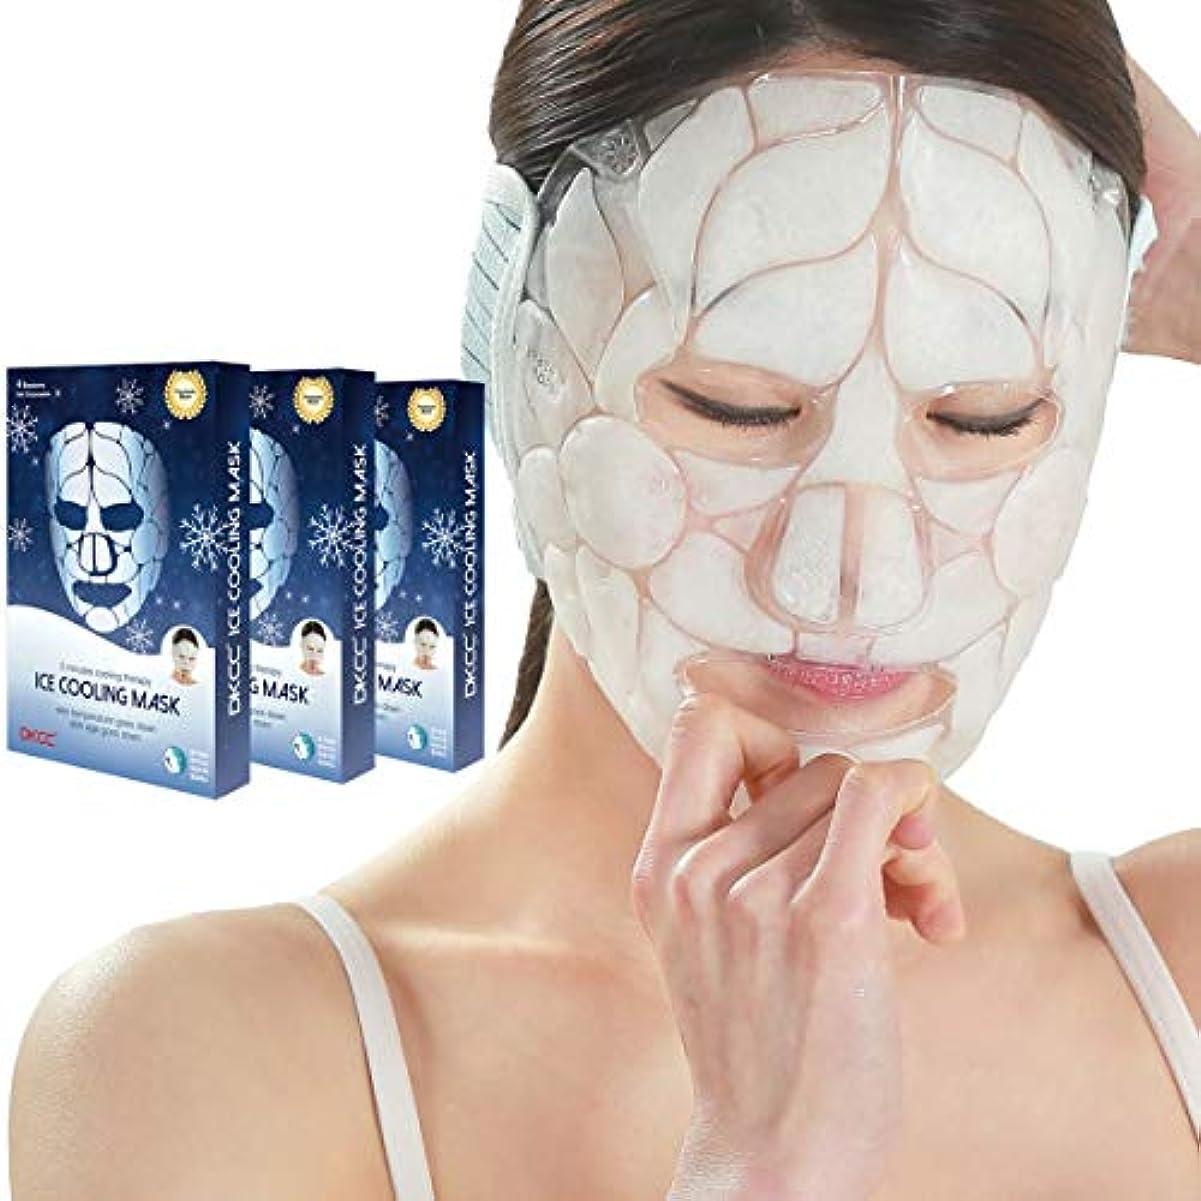 サスペンド対人批判的DKCC アイスクーリングマスク